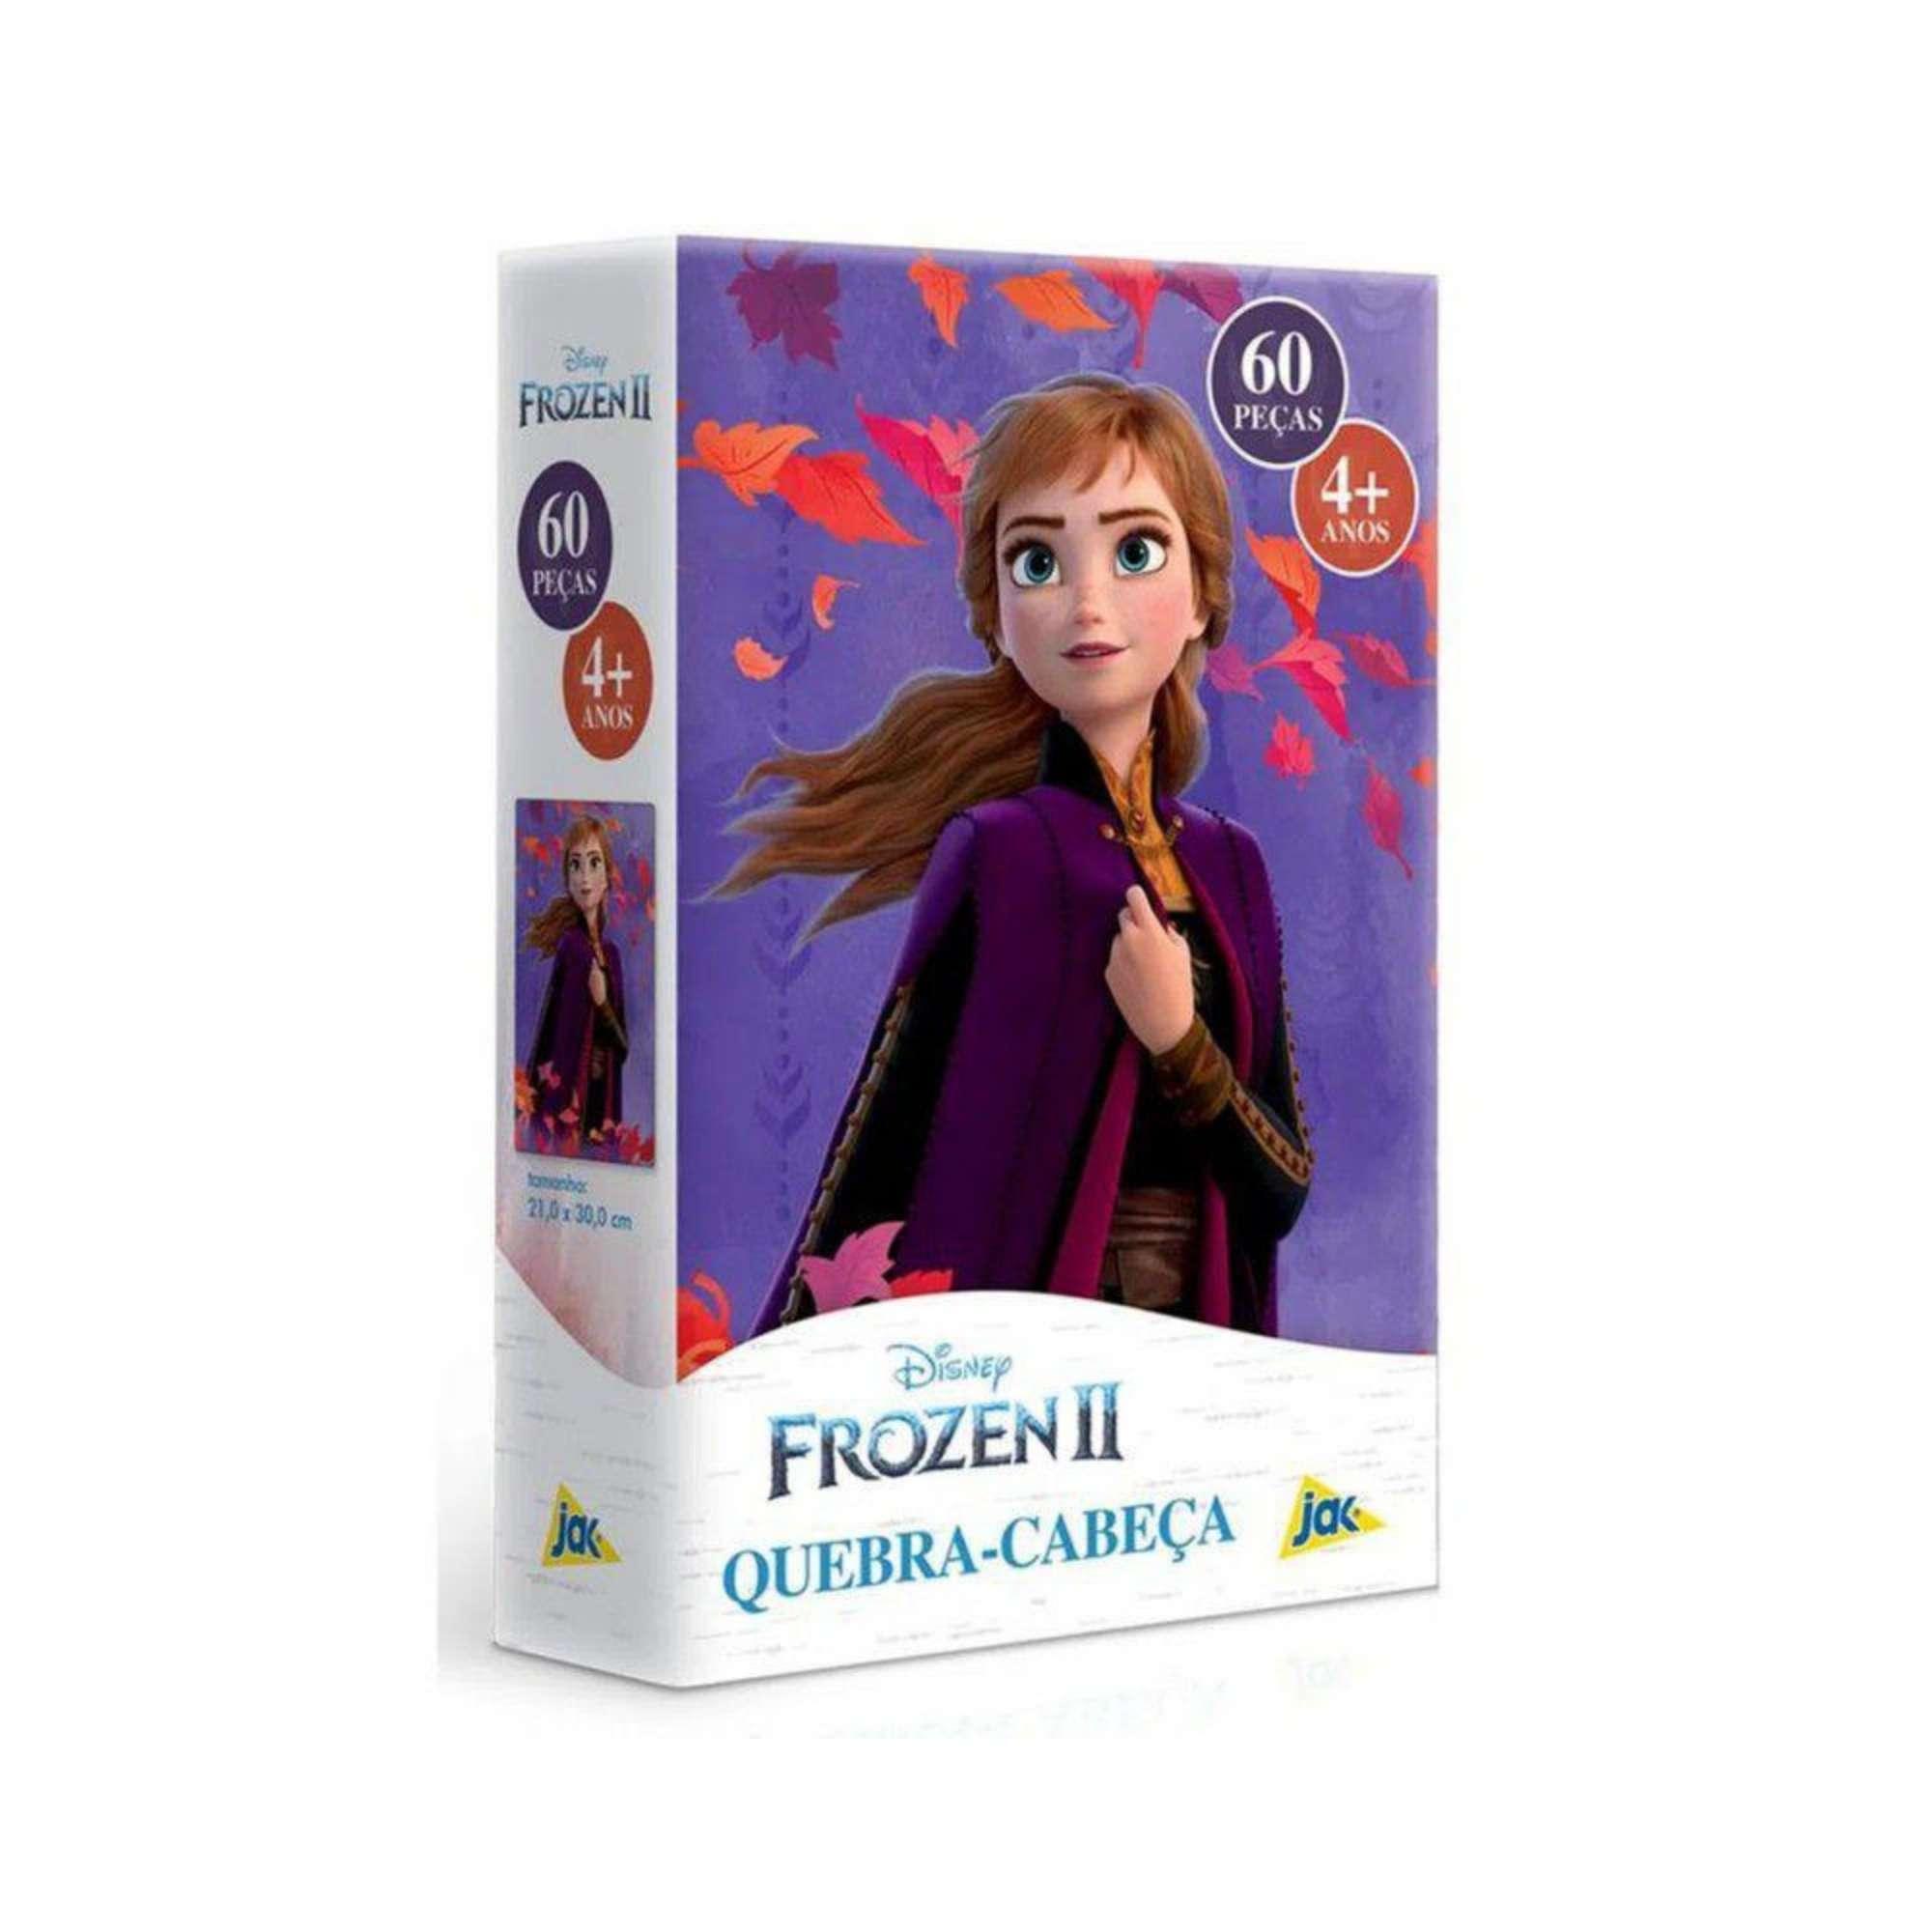 Quebra-Cabeça Princesa Ana Frozen 60 peças - Jak